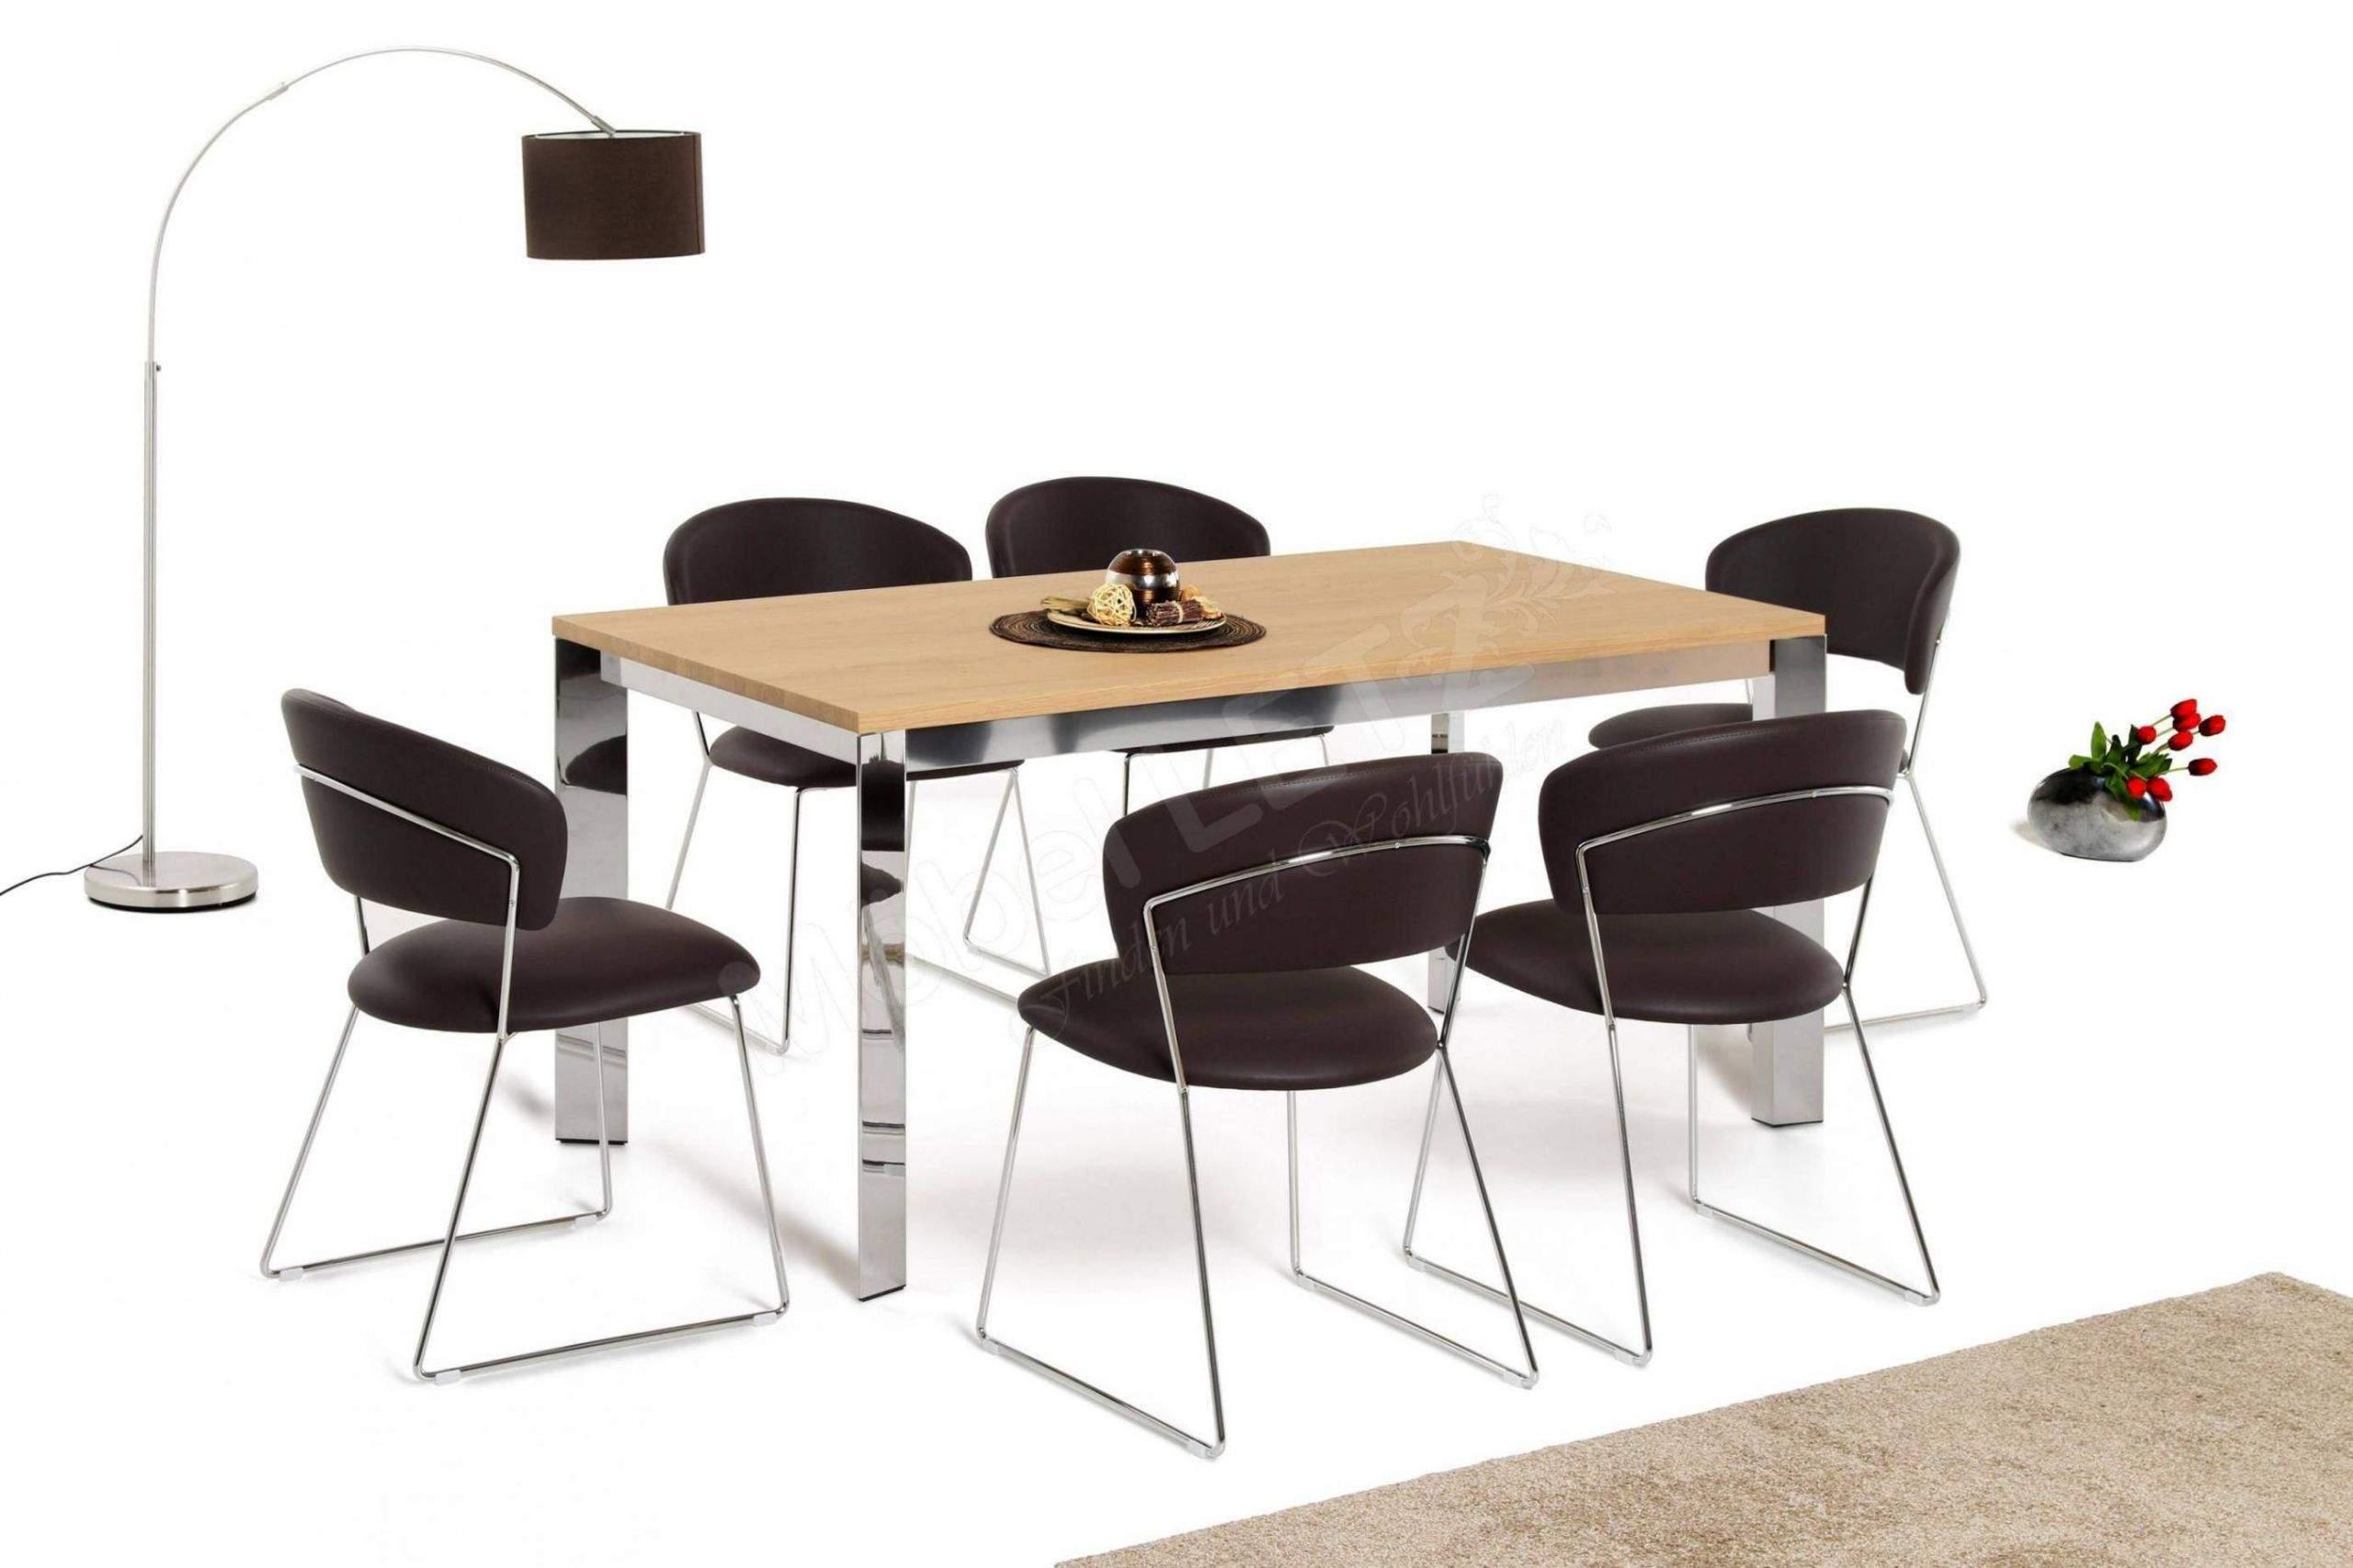 designer esstisch rund 40 genial wohnzimmer mit esstisch einzigartig of designer esstisch rund